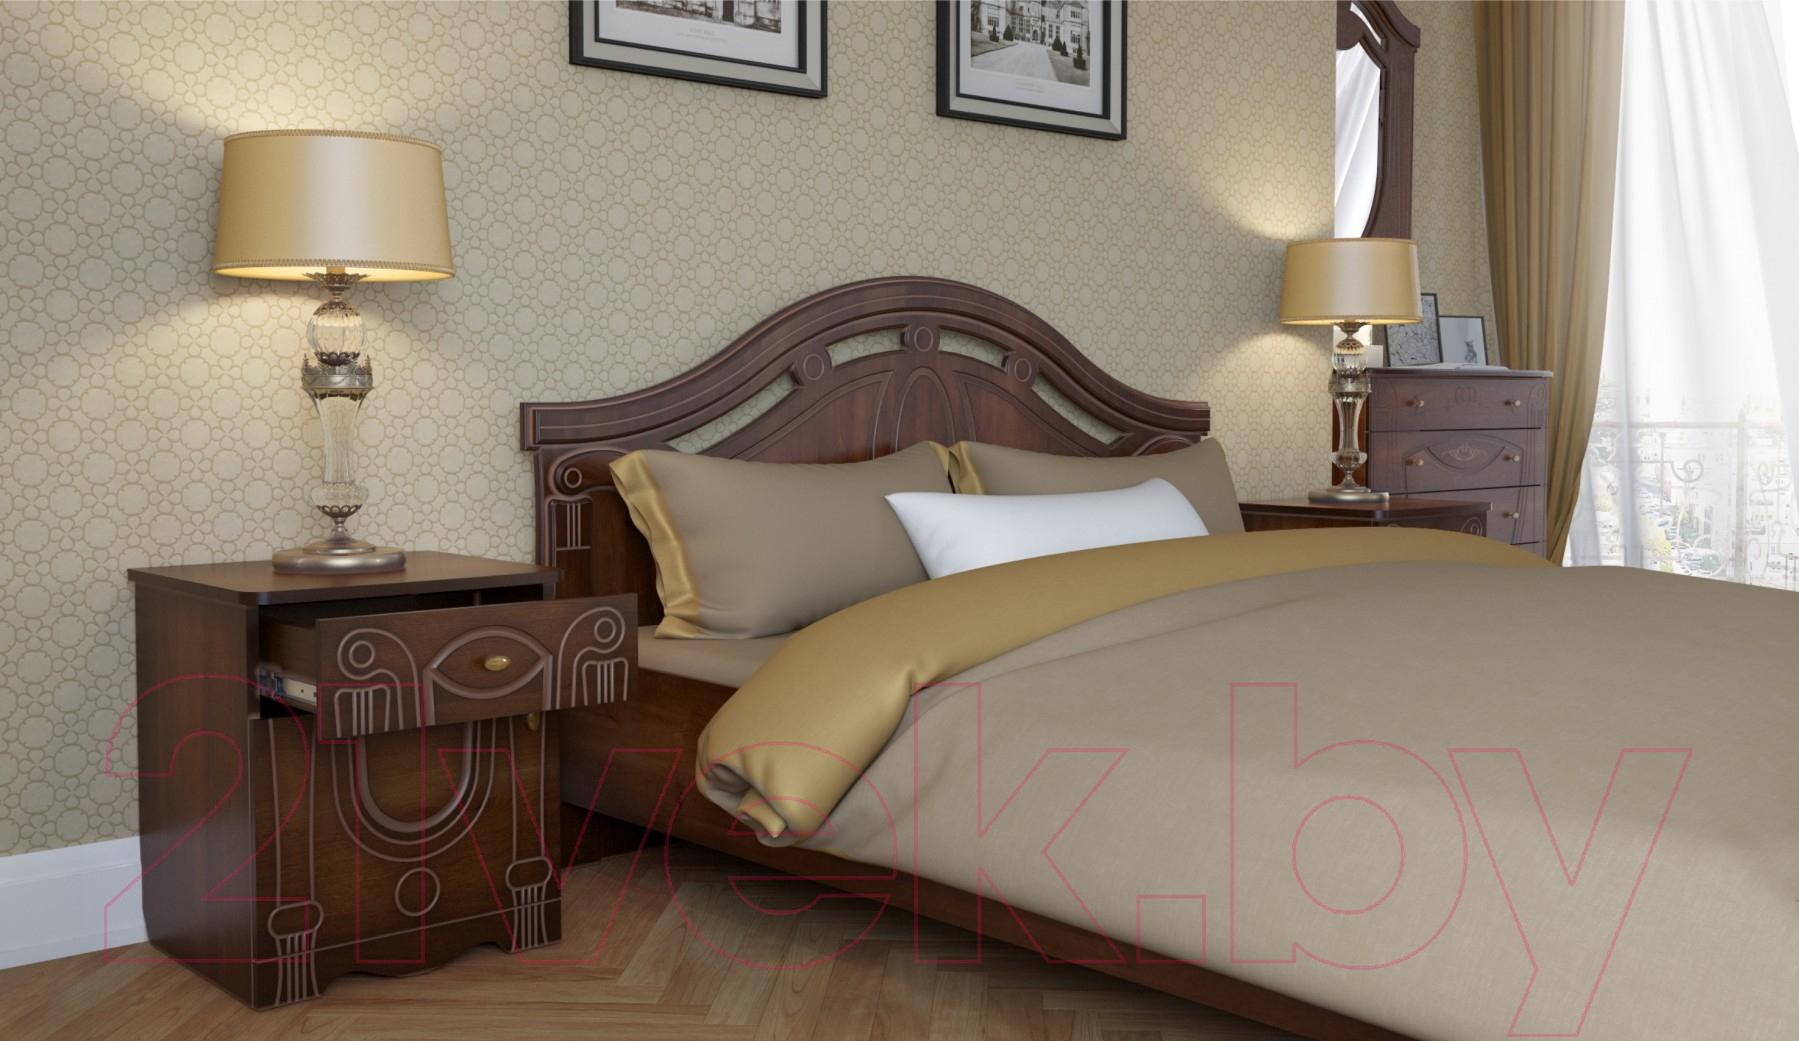 Купить Комплект мебели для спальни Империал, Александрина без ОМ ШК-4 (орех/золото), Россия